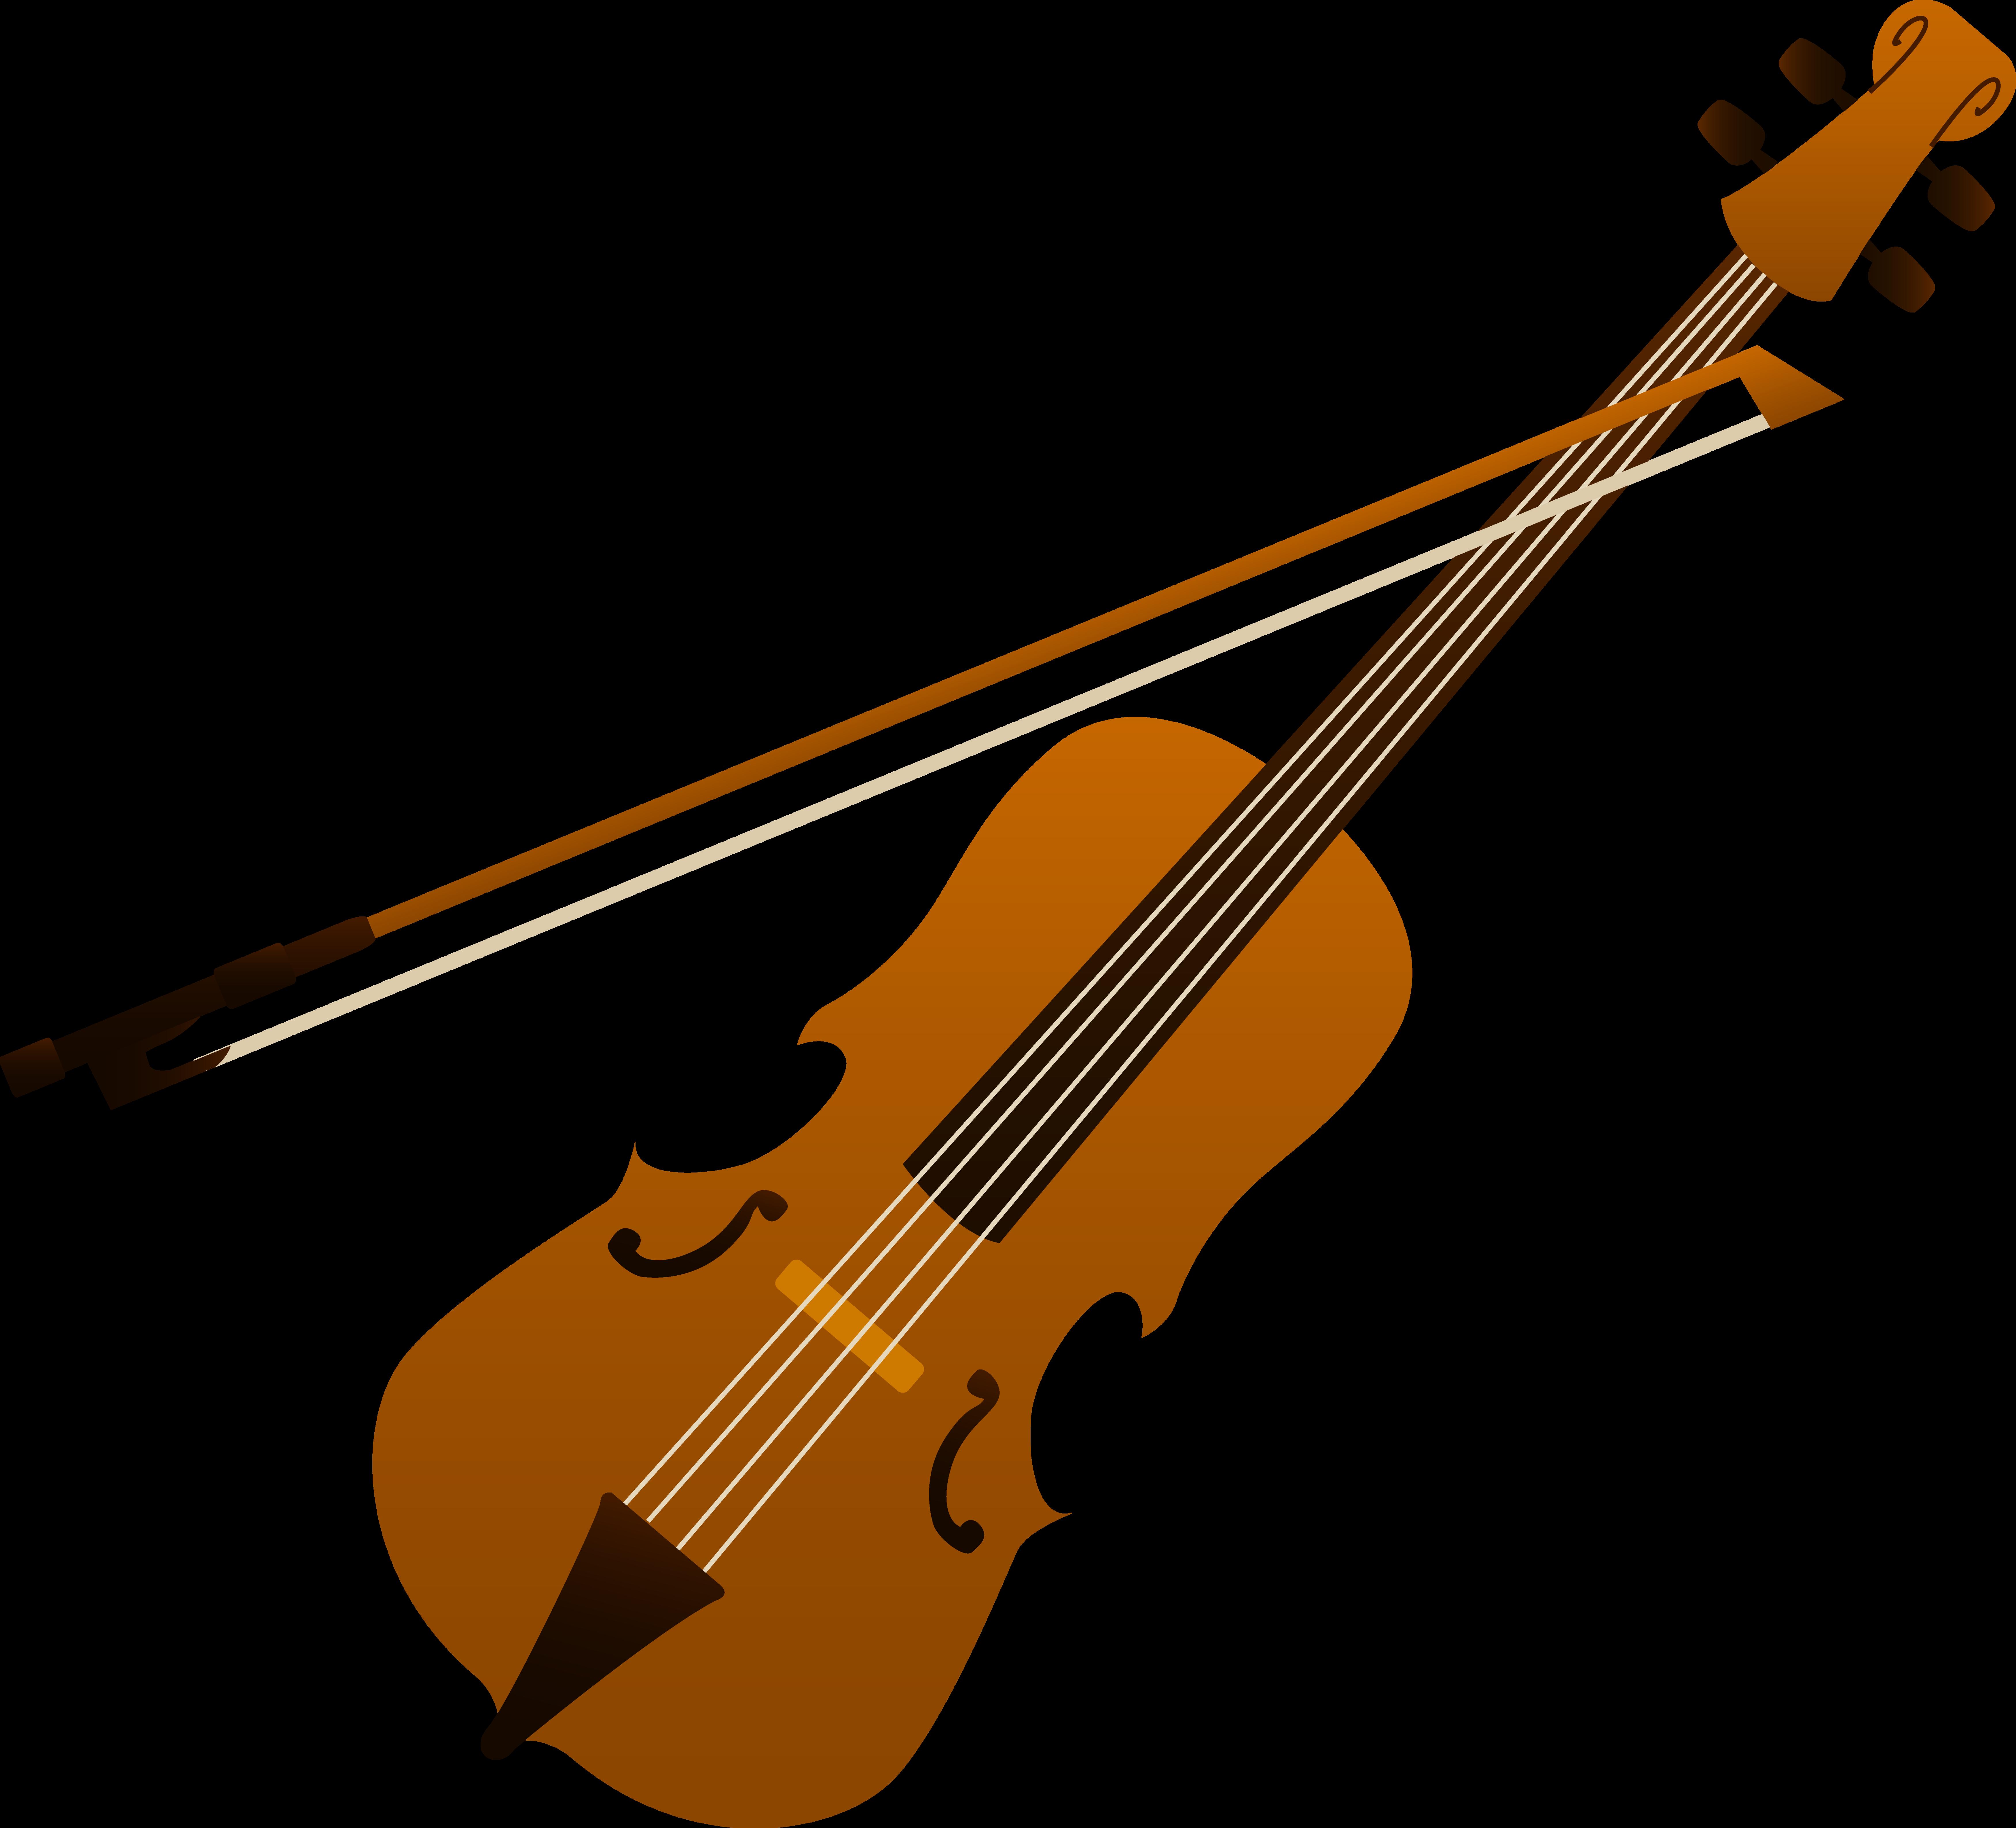 Violin pictures clip art picture stock Violin images clip art - ClipartFest picture stock